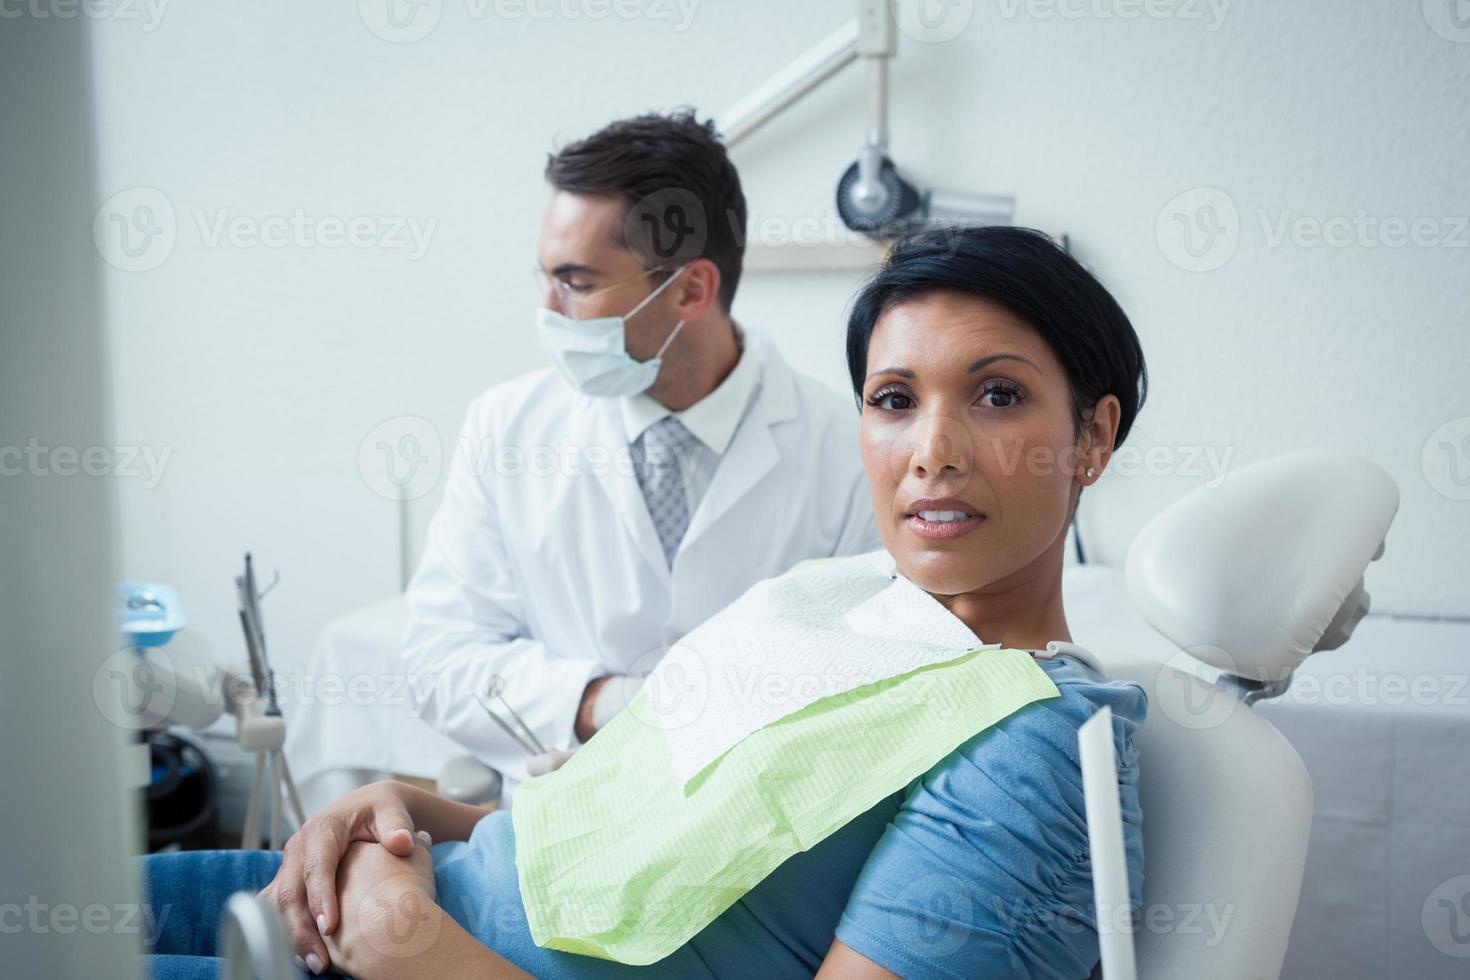 femme sérieuse en attente d'examen dentaire photo